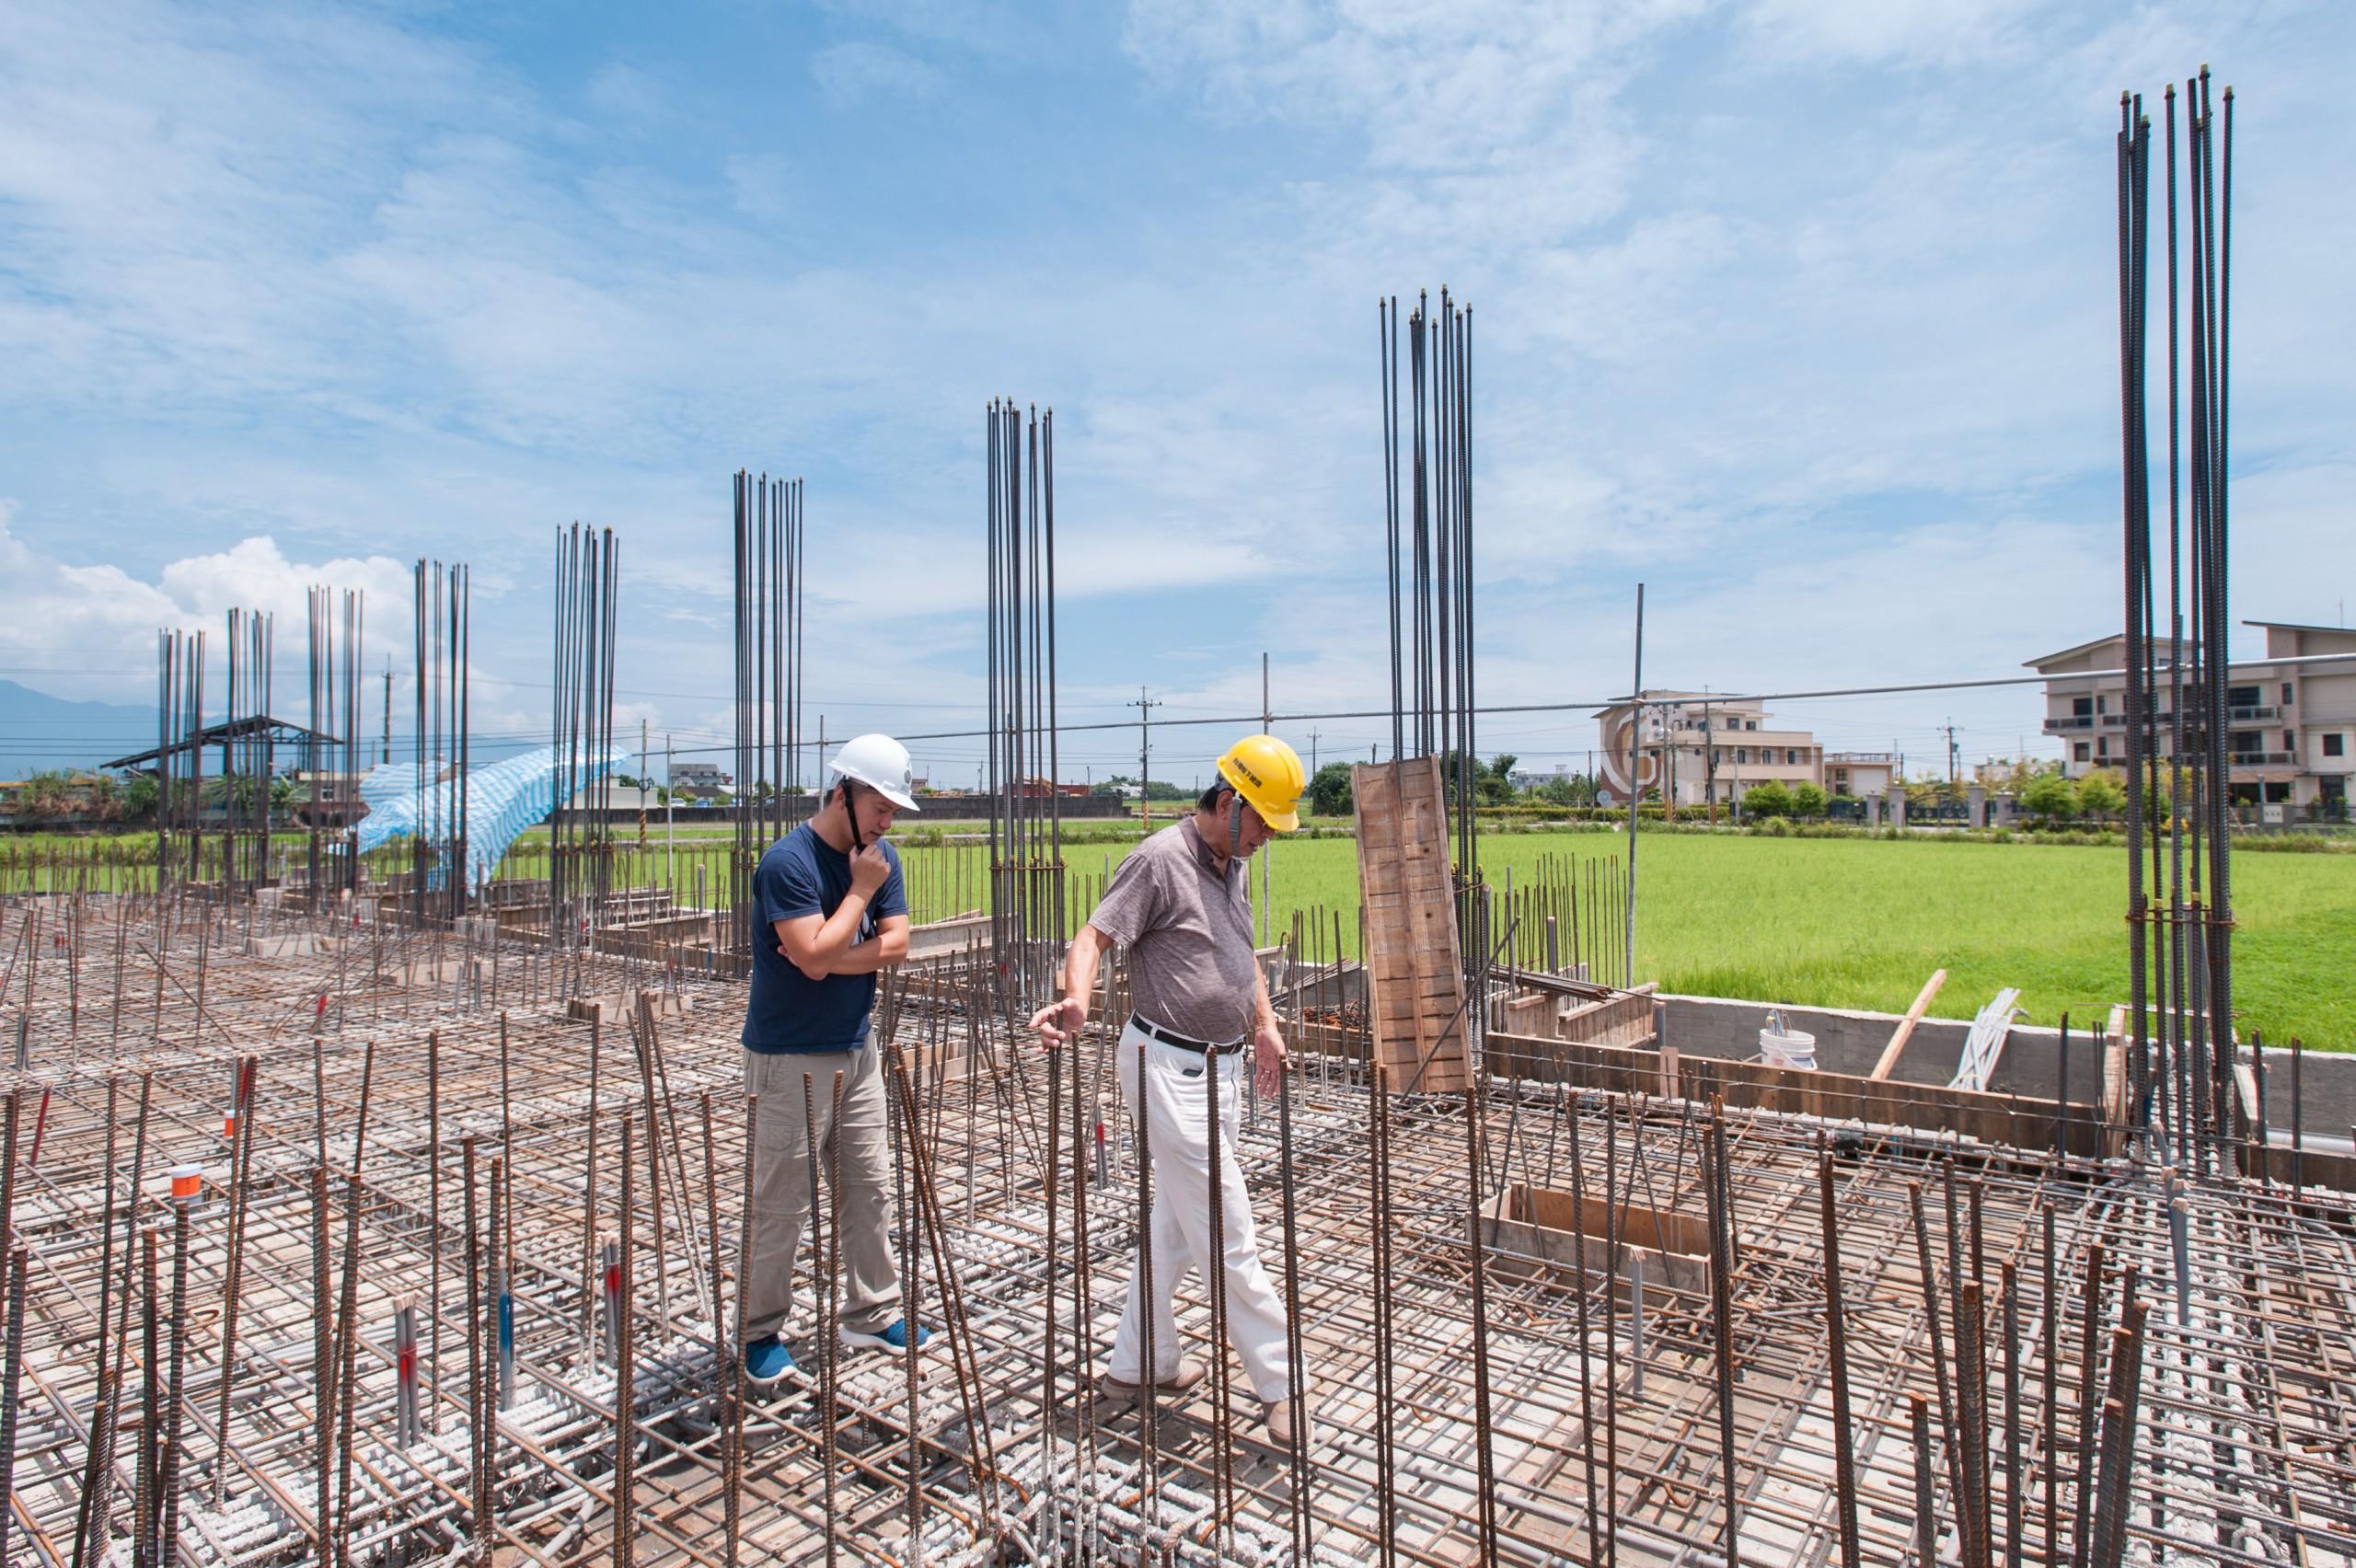 德築-DEZU-project-Zutian-architecture-real-estate-engineering-55